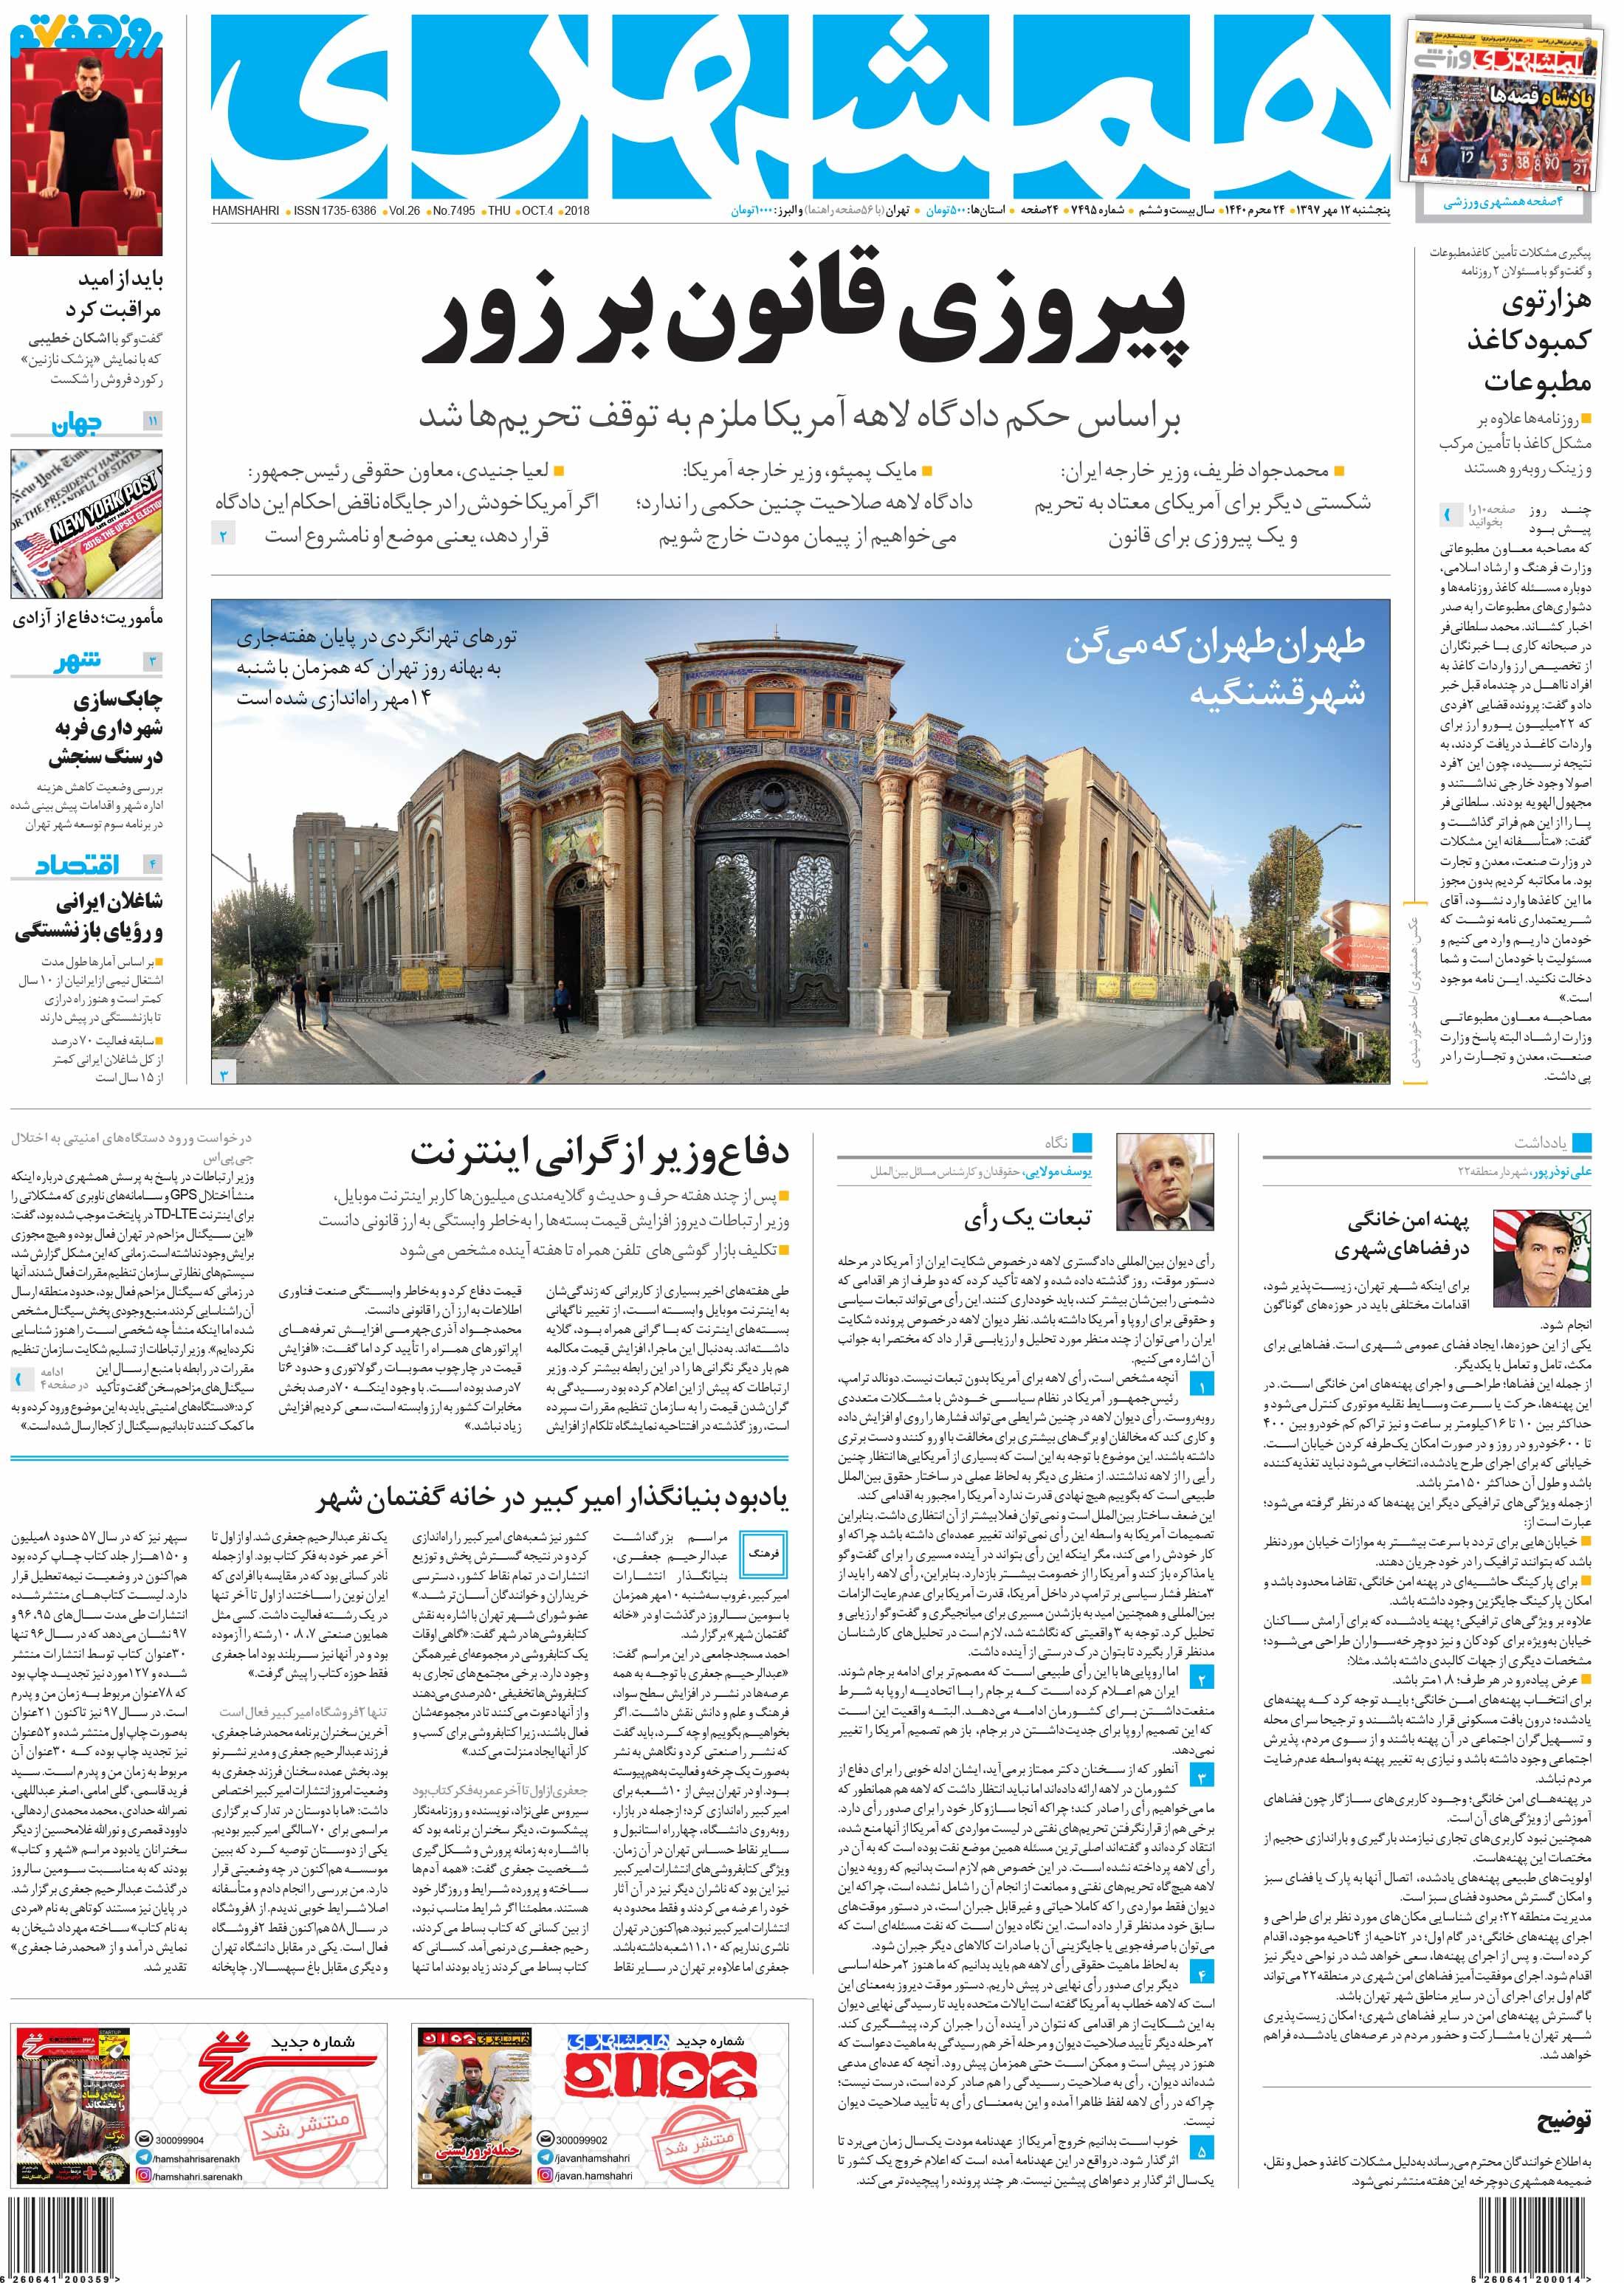 صفحه اول پنجشنبه 12 مهر 1397